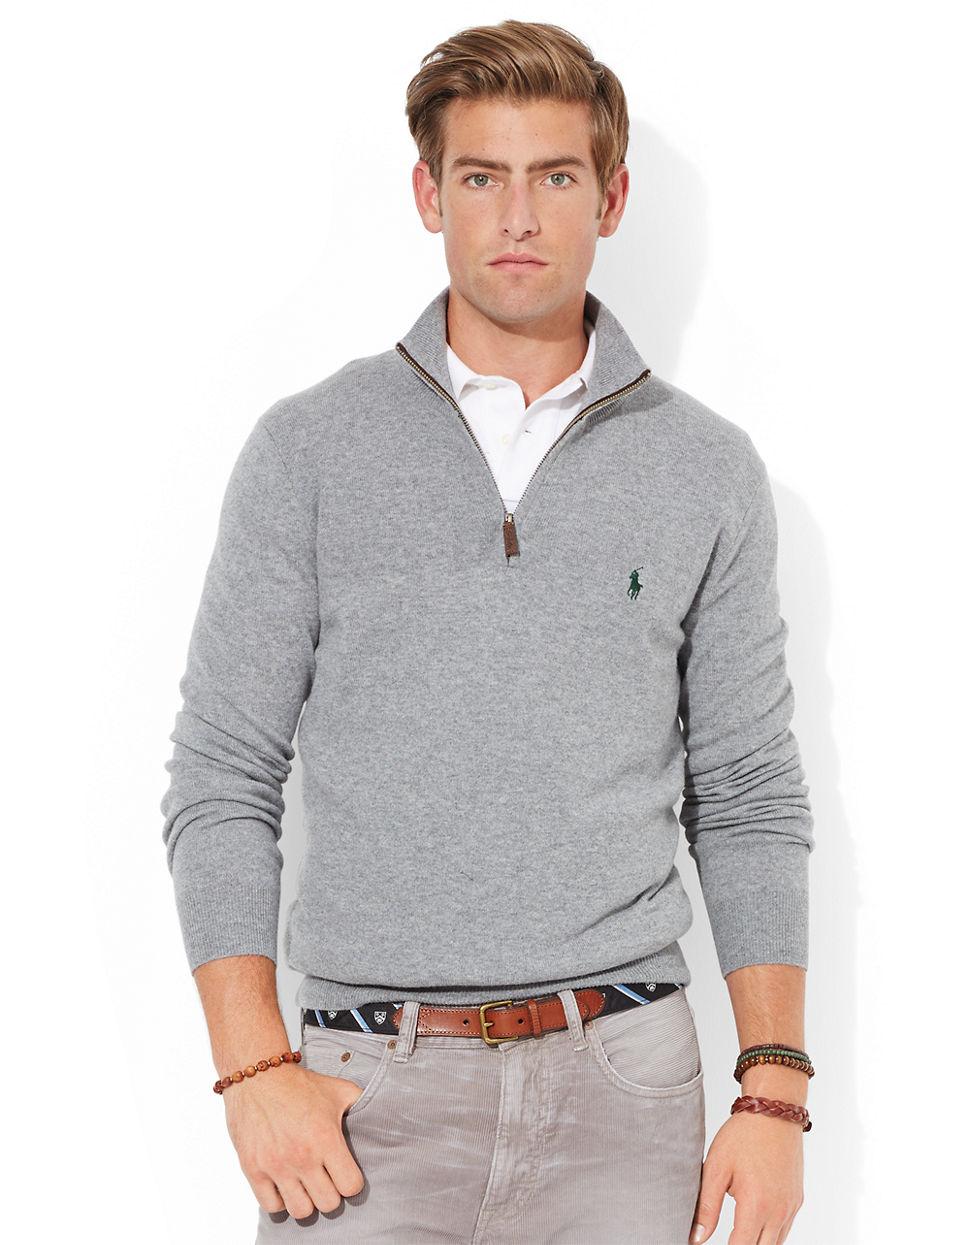 Ralph Lauren Half Zip Sweatshirt Breeze Clothing